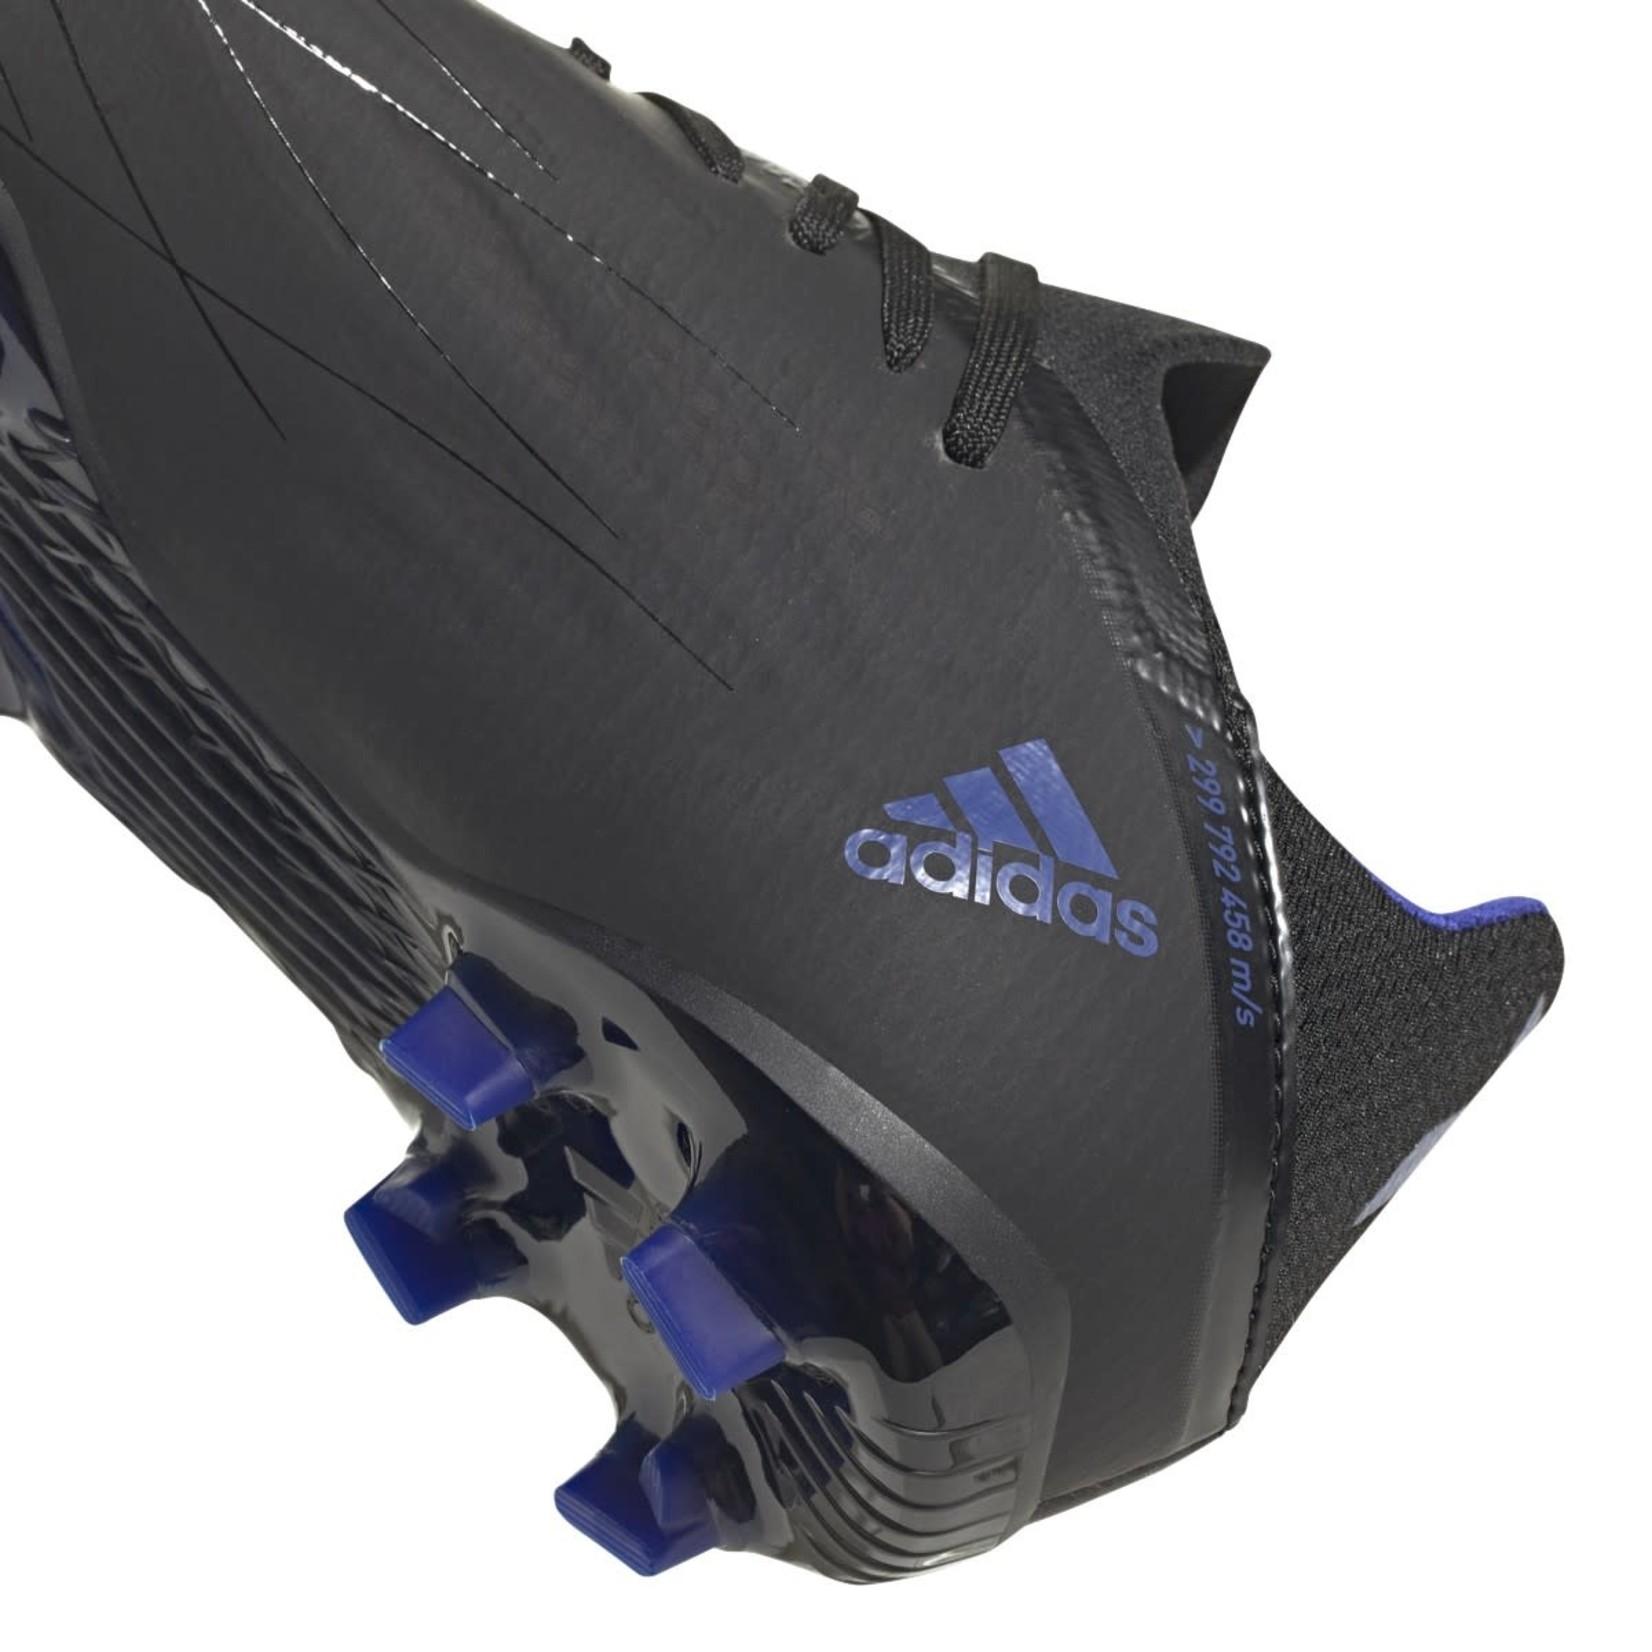 ADIDAS X SPEEDFLOW.1 FG JR (BLACK/BLUE)